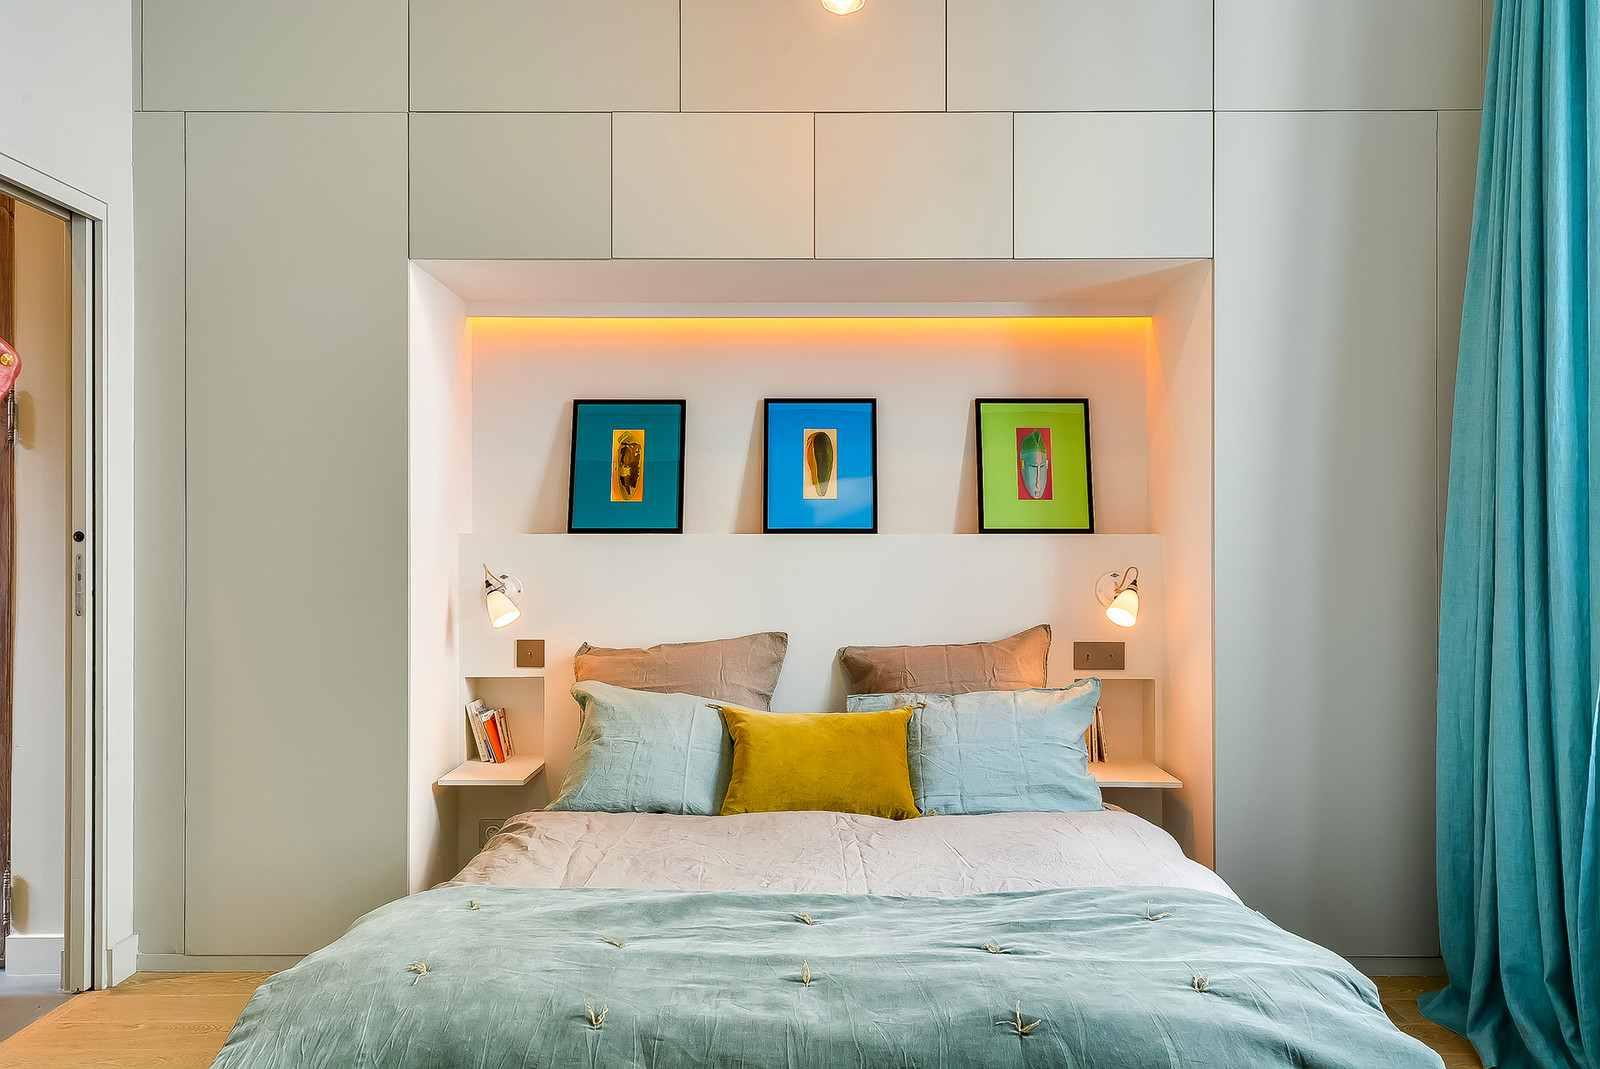 Дизайн комнаты 12 кв м для спальни